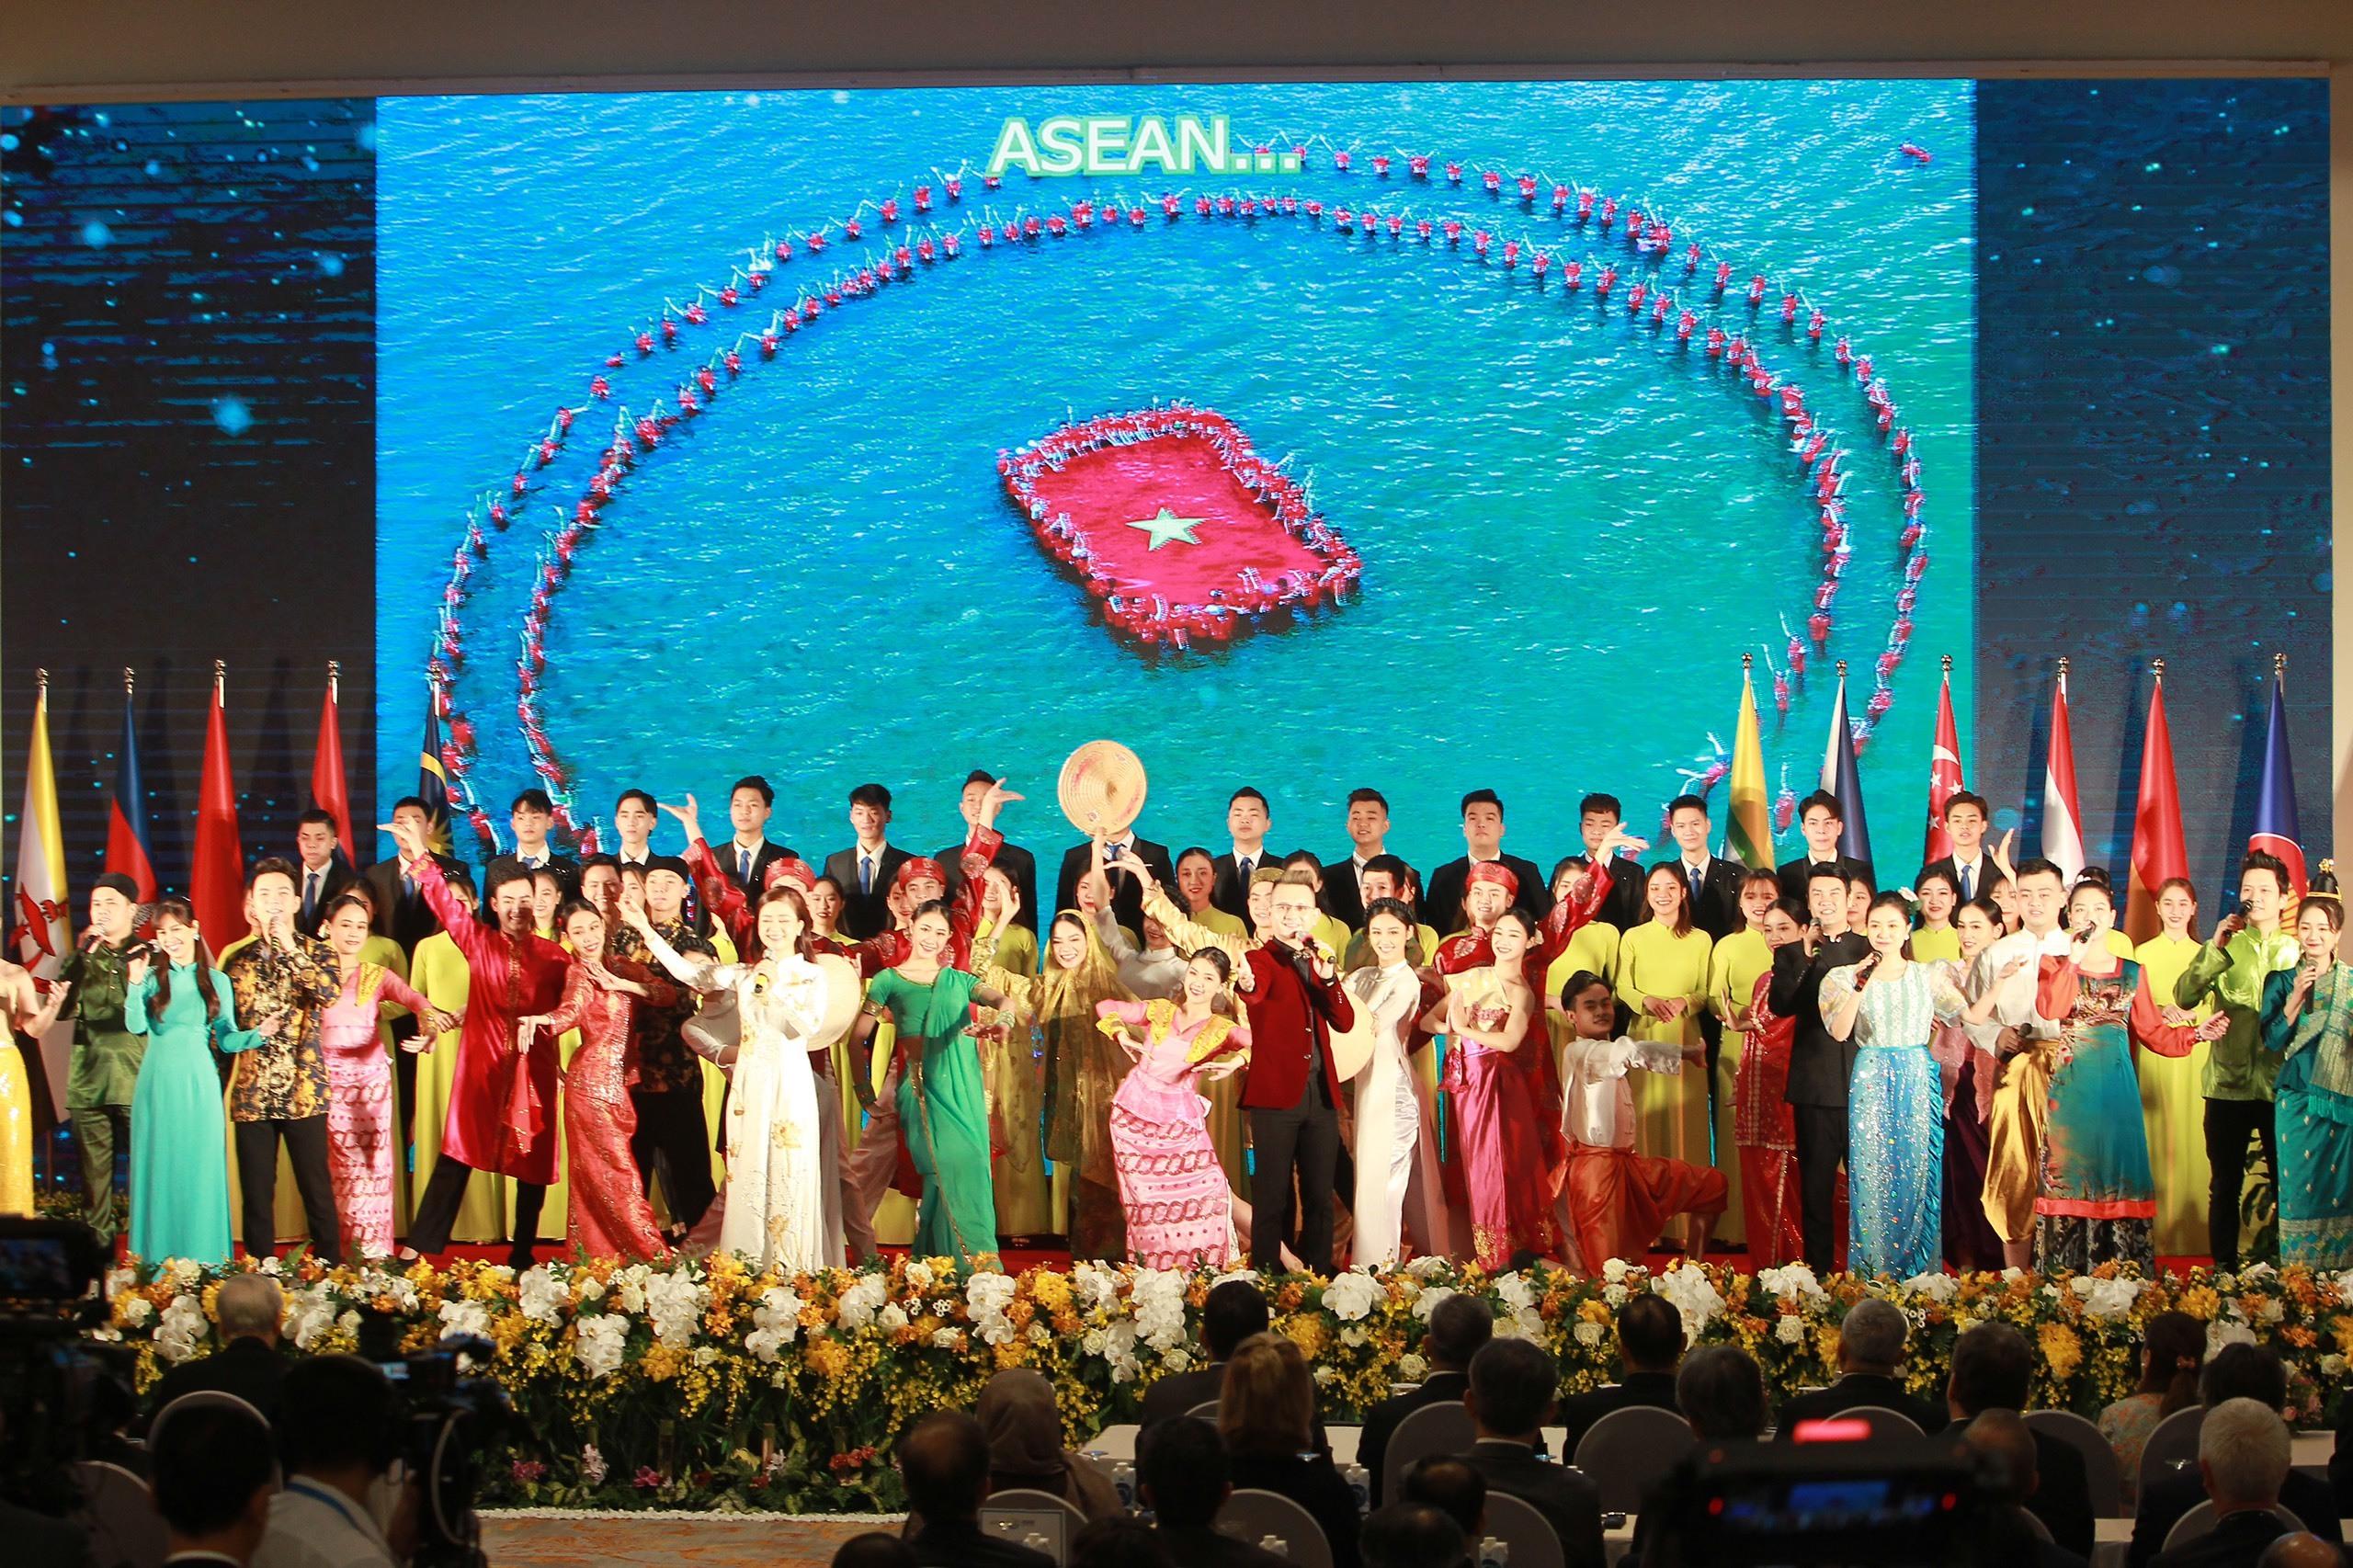 Tổng Bí thư, Chủ tịch nước Nguyễn Phú Trọng dự hội nghị cấp cao ASEAN 37